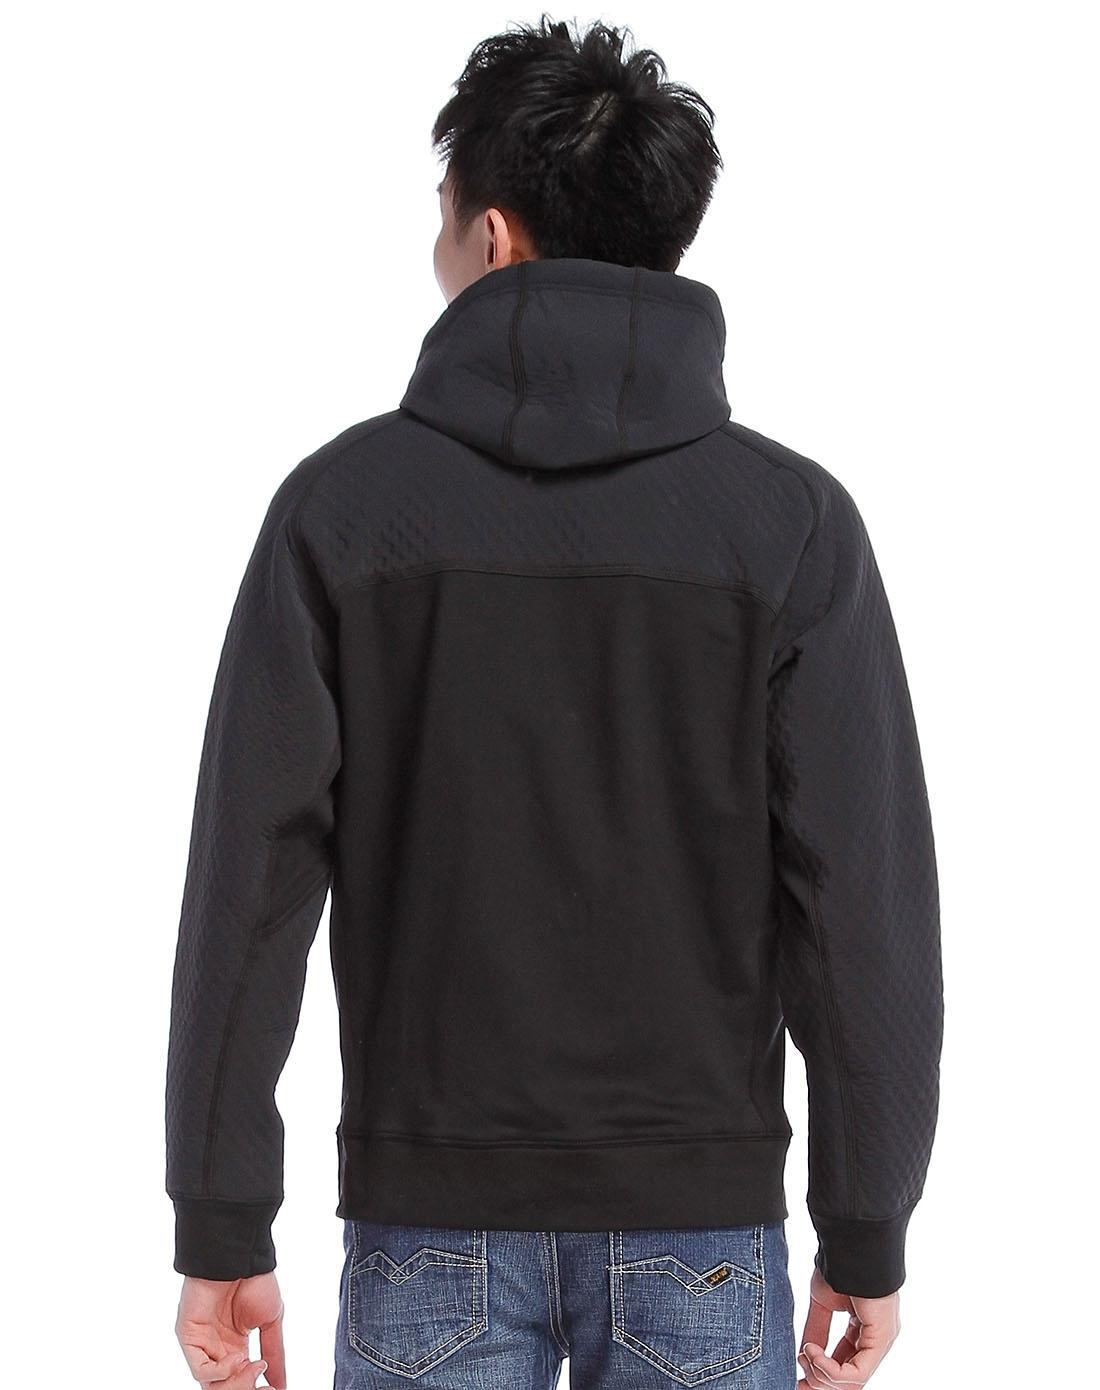 耐克nike男士专场-黑色长袖夹克